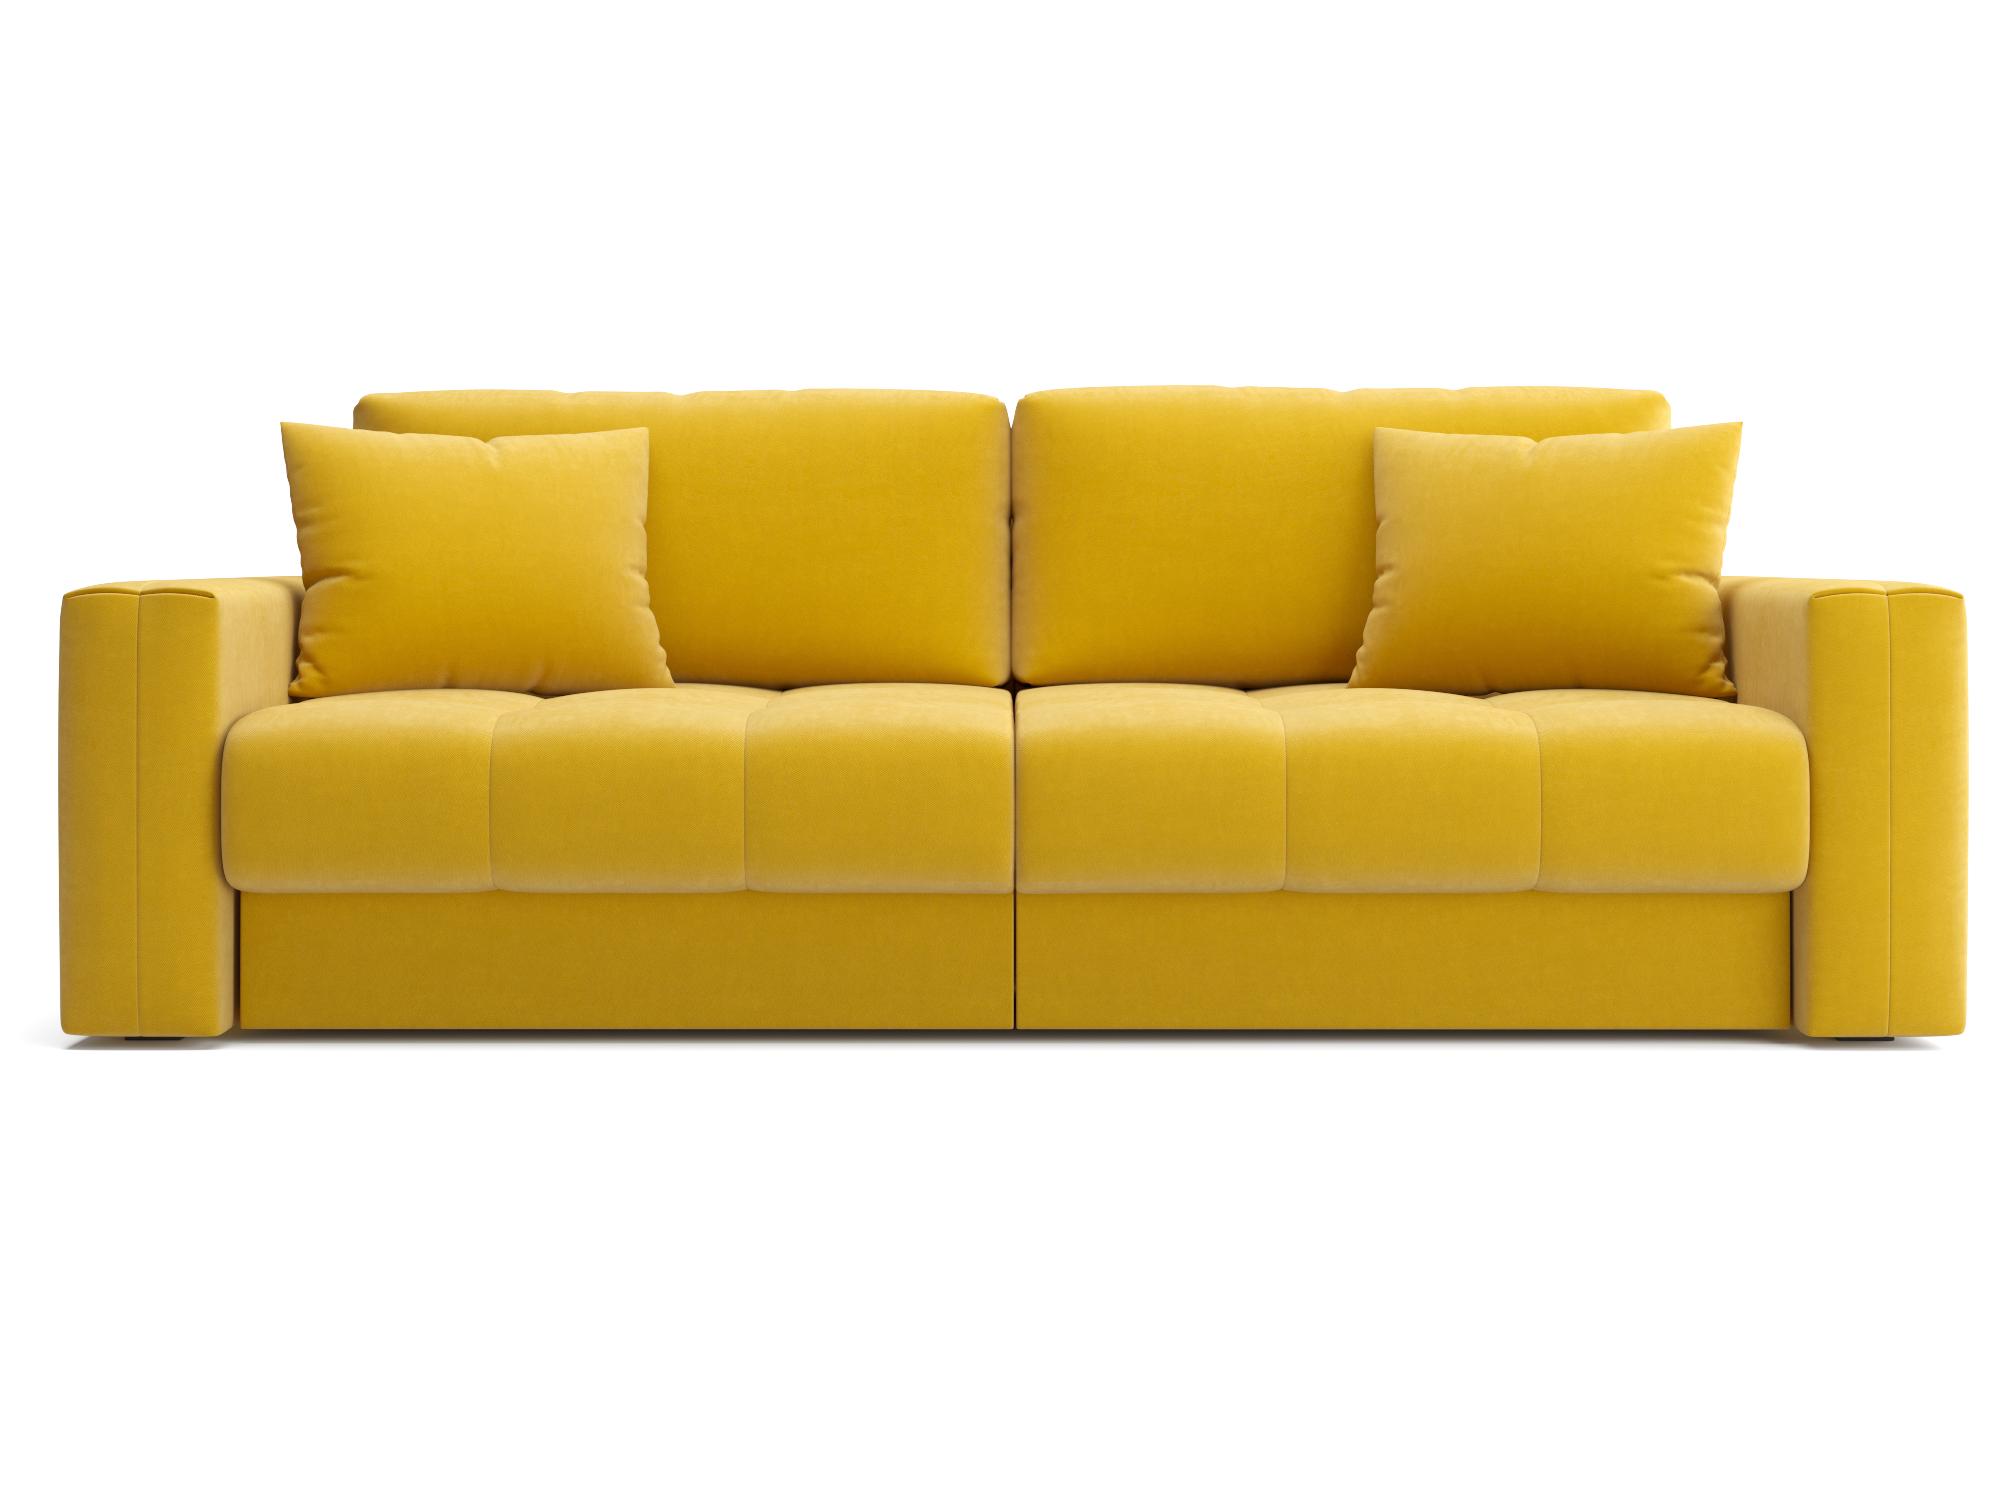 Диван прямой Кастел MebelVia Зеленый, Желтый, Велюр, Фанера Желтый, Зеленый